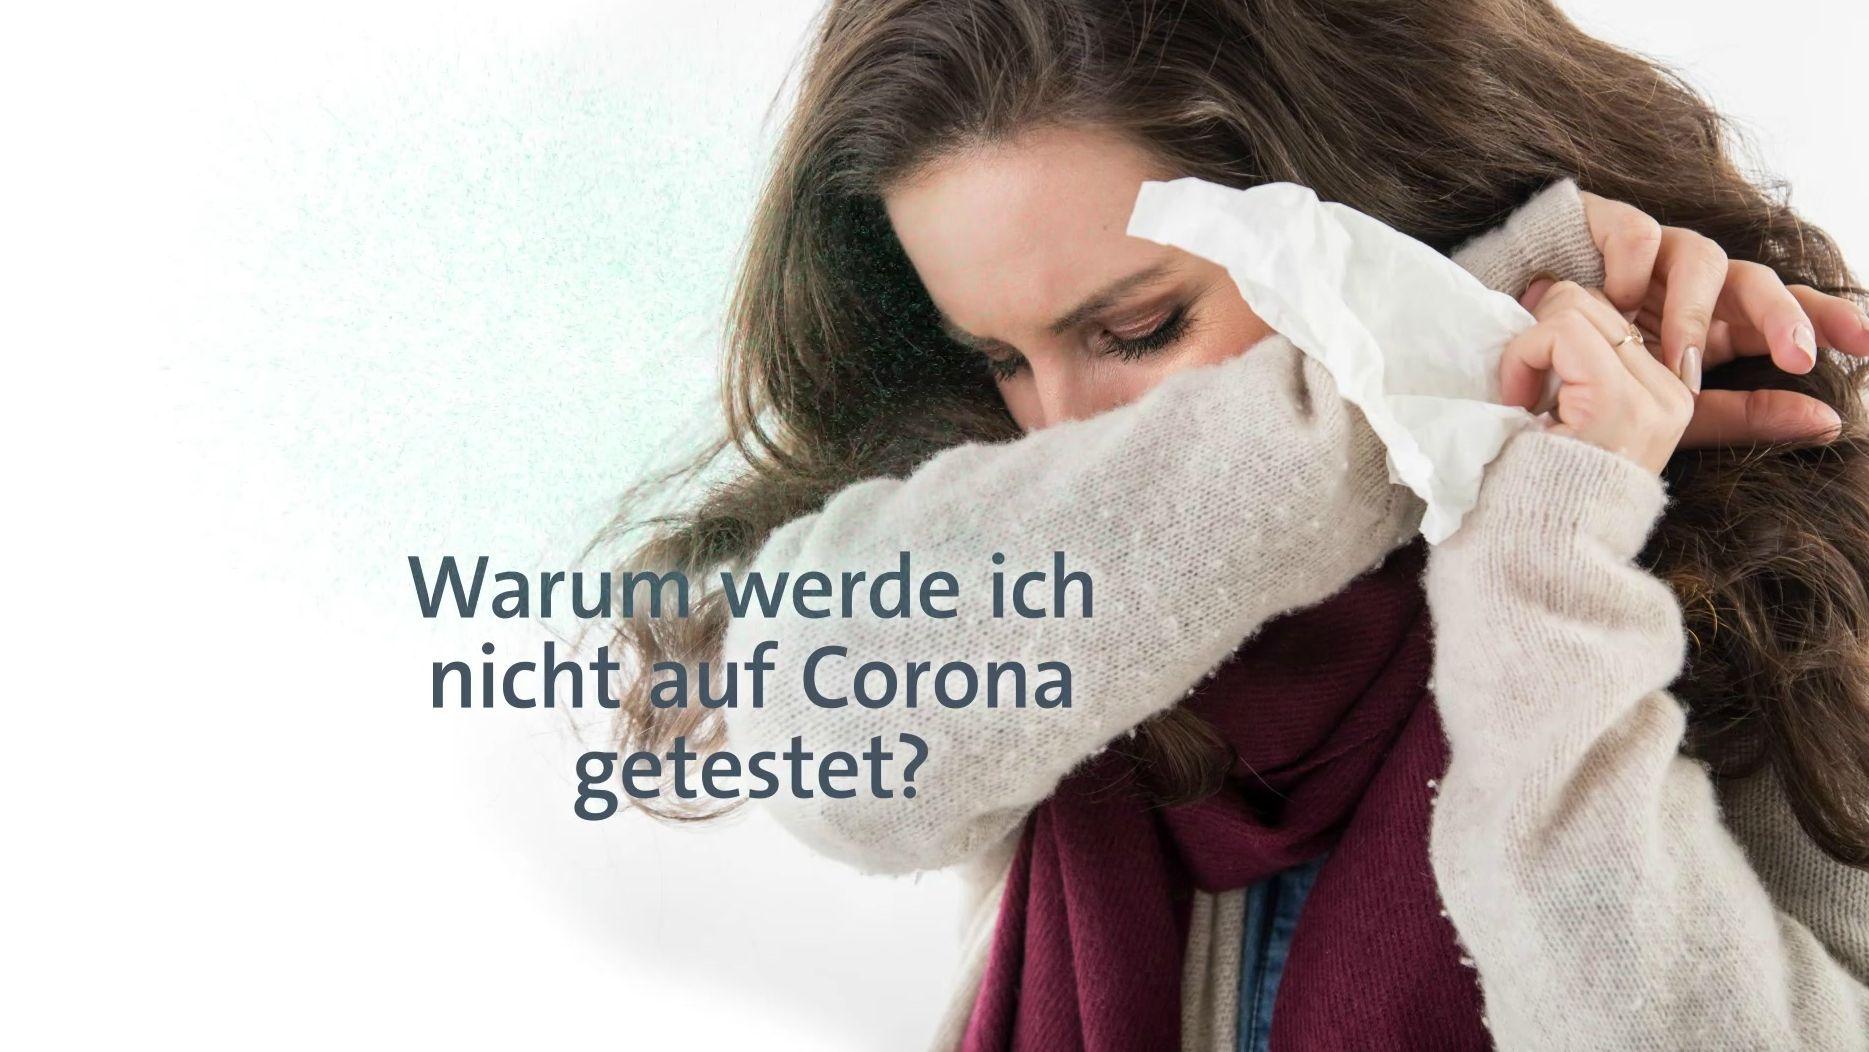 #fragBR24💡 Corona: Warum wird nicht generell getestet?